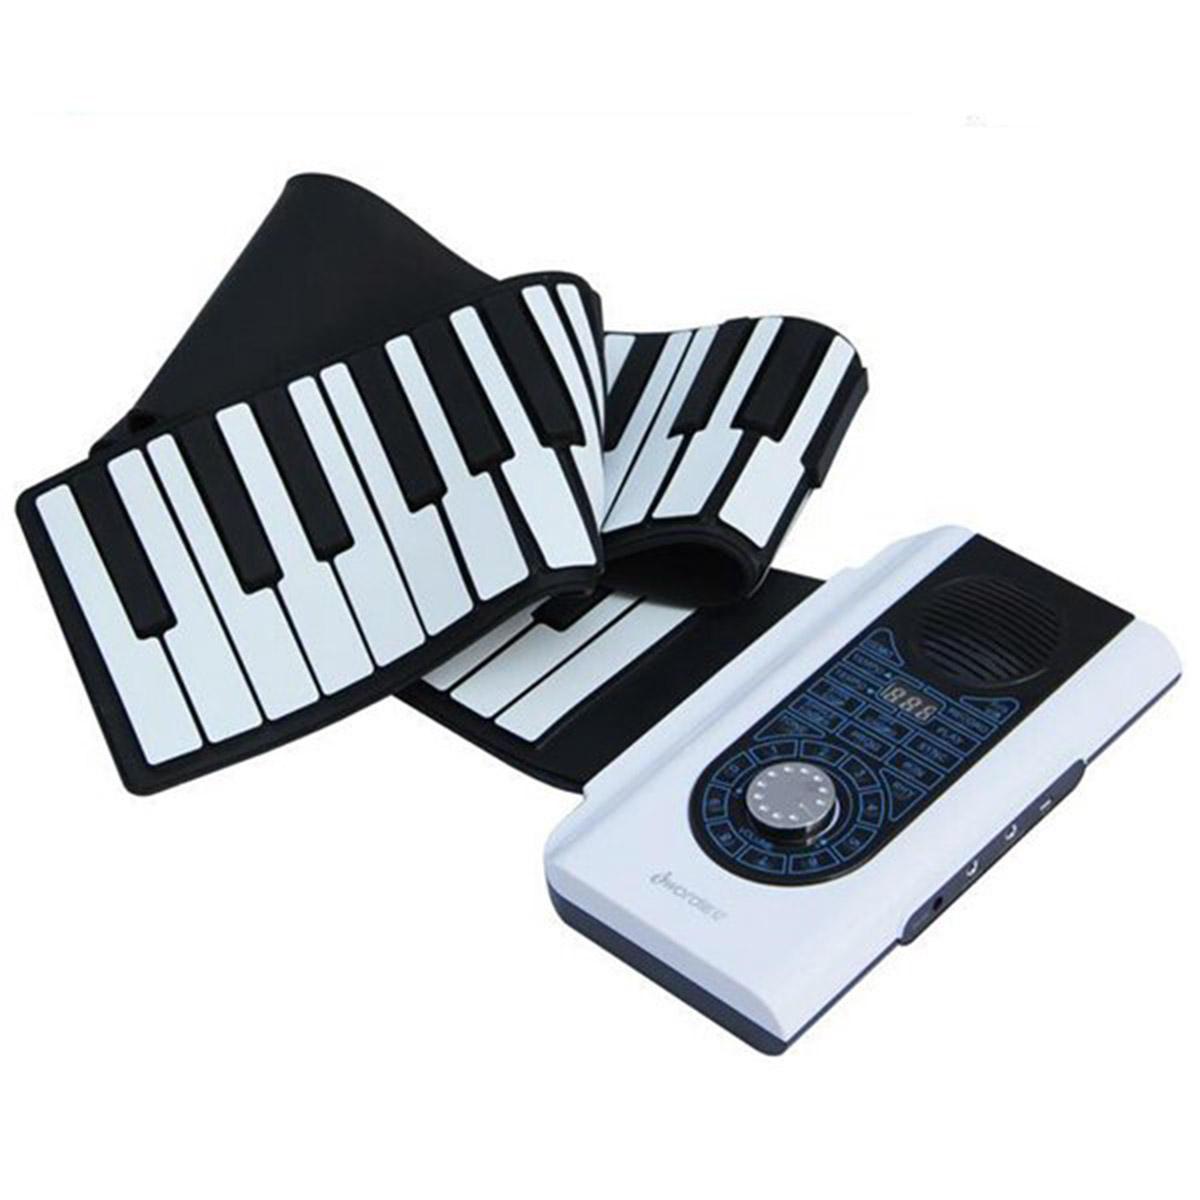 iWord Pianoforte Avvolgibile Professionale con 88 Tasti con Tastiera MIDI